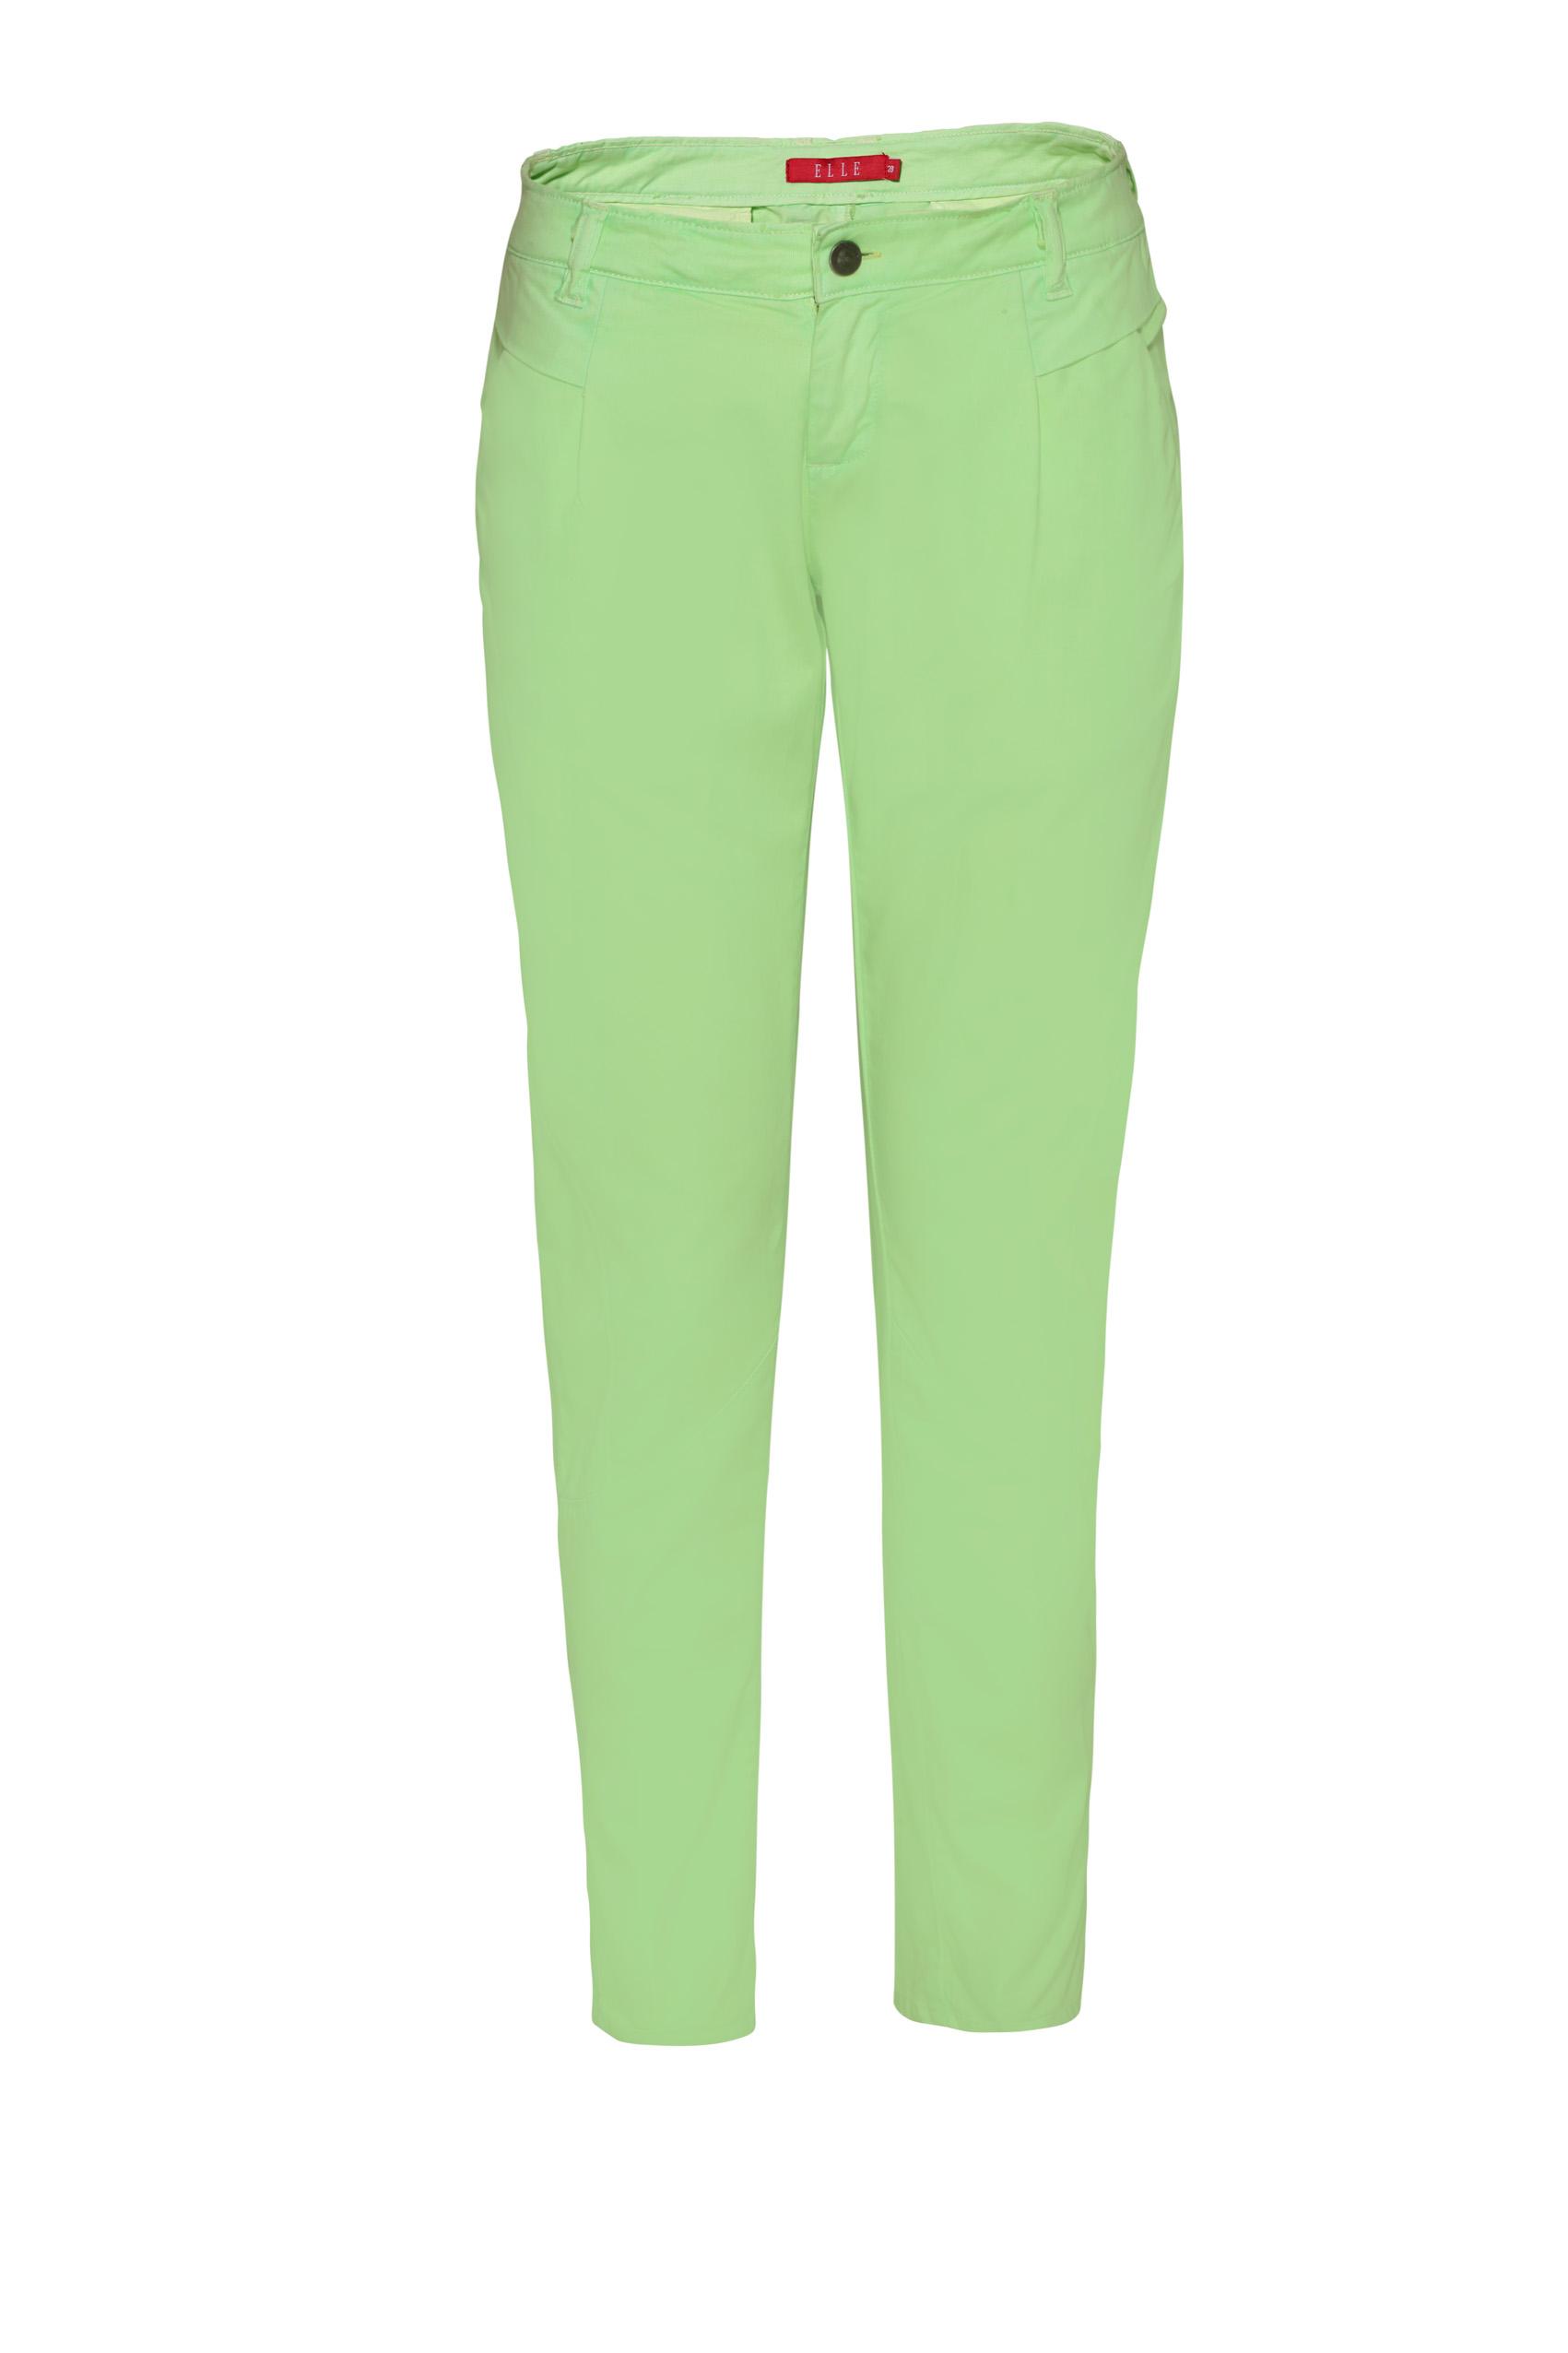 Pants from Elle Fashionwear